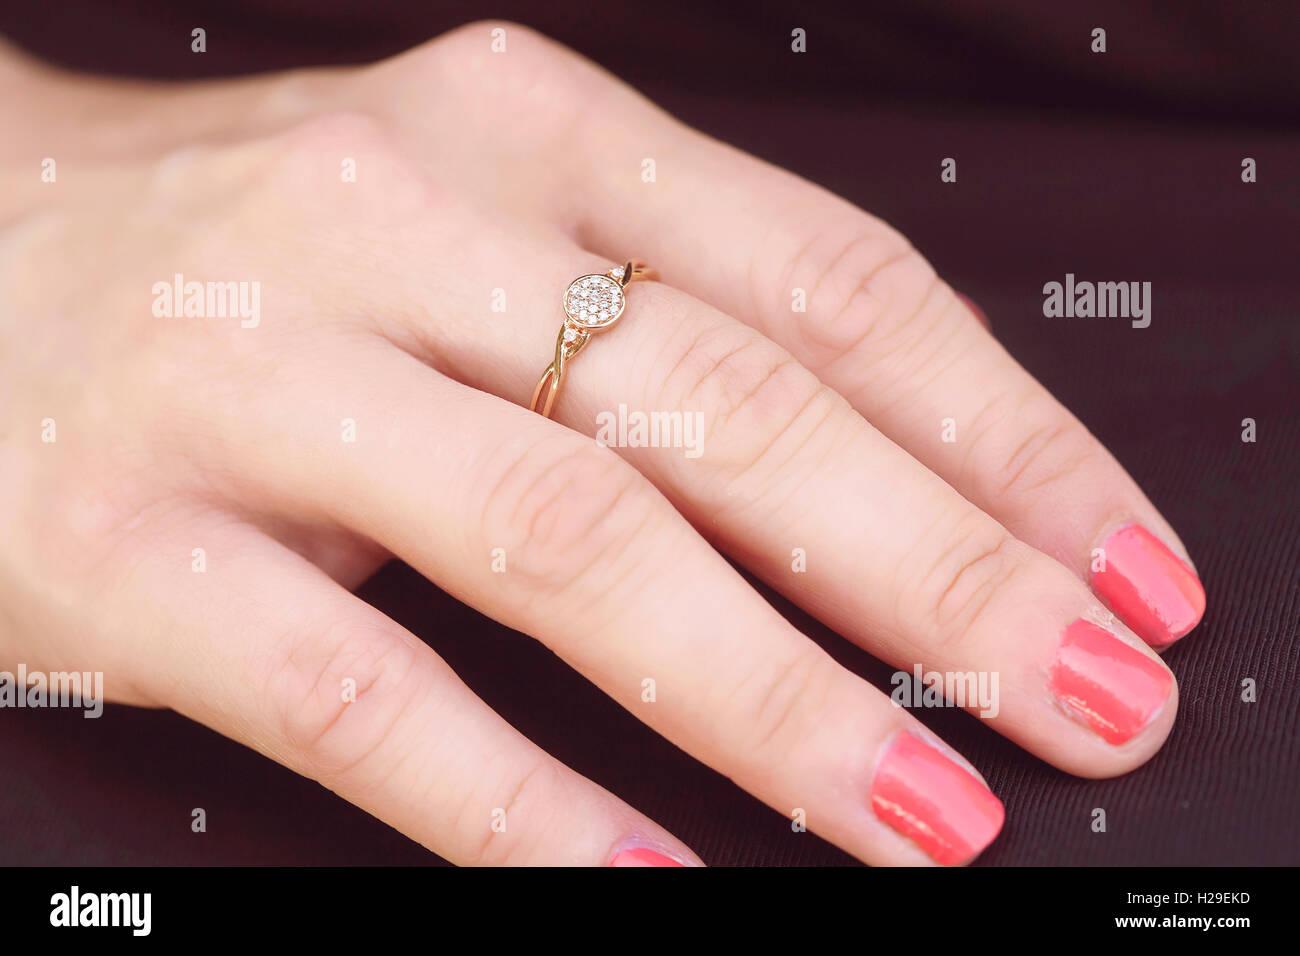 Engagement luxury ring on female hand Stock Photo: 121910977 - Alamy